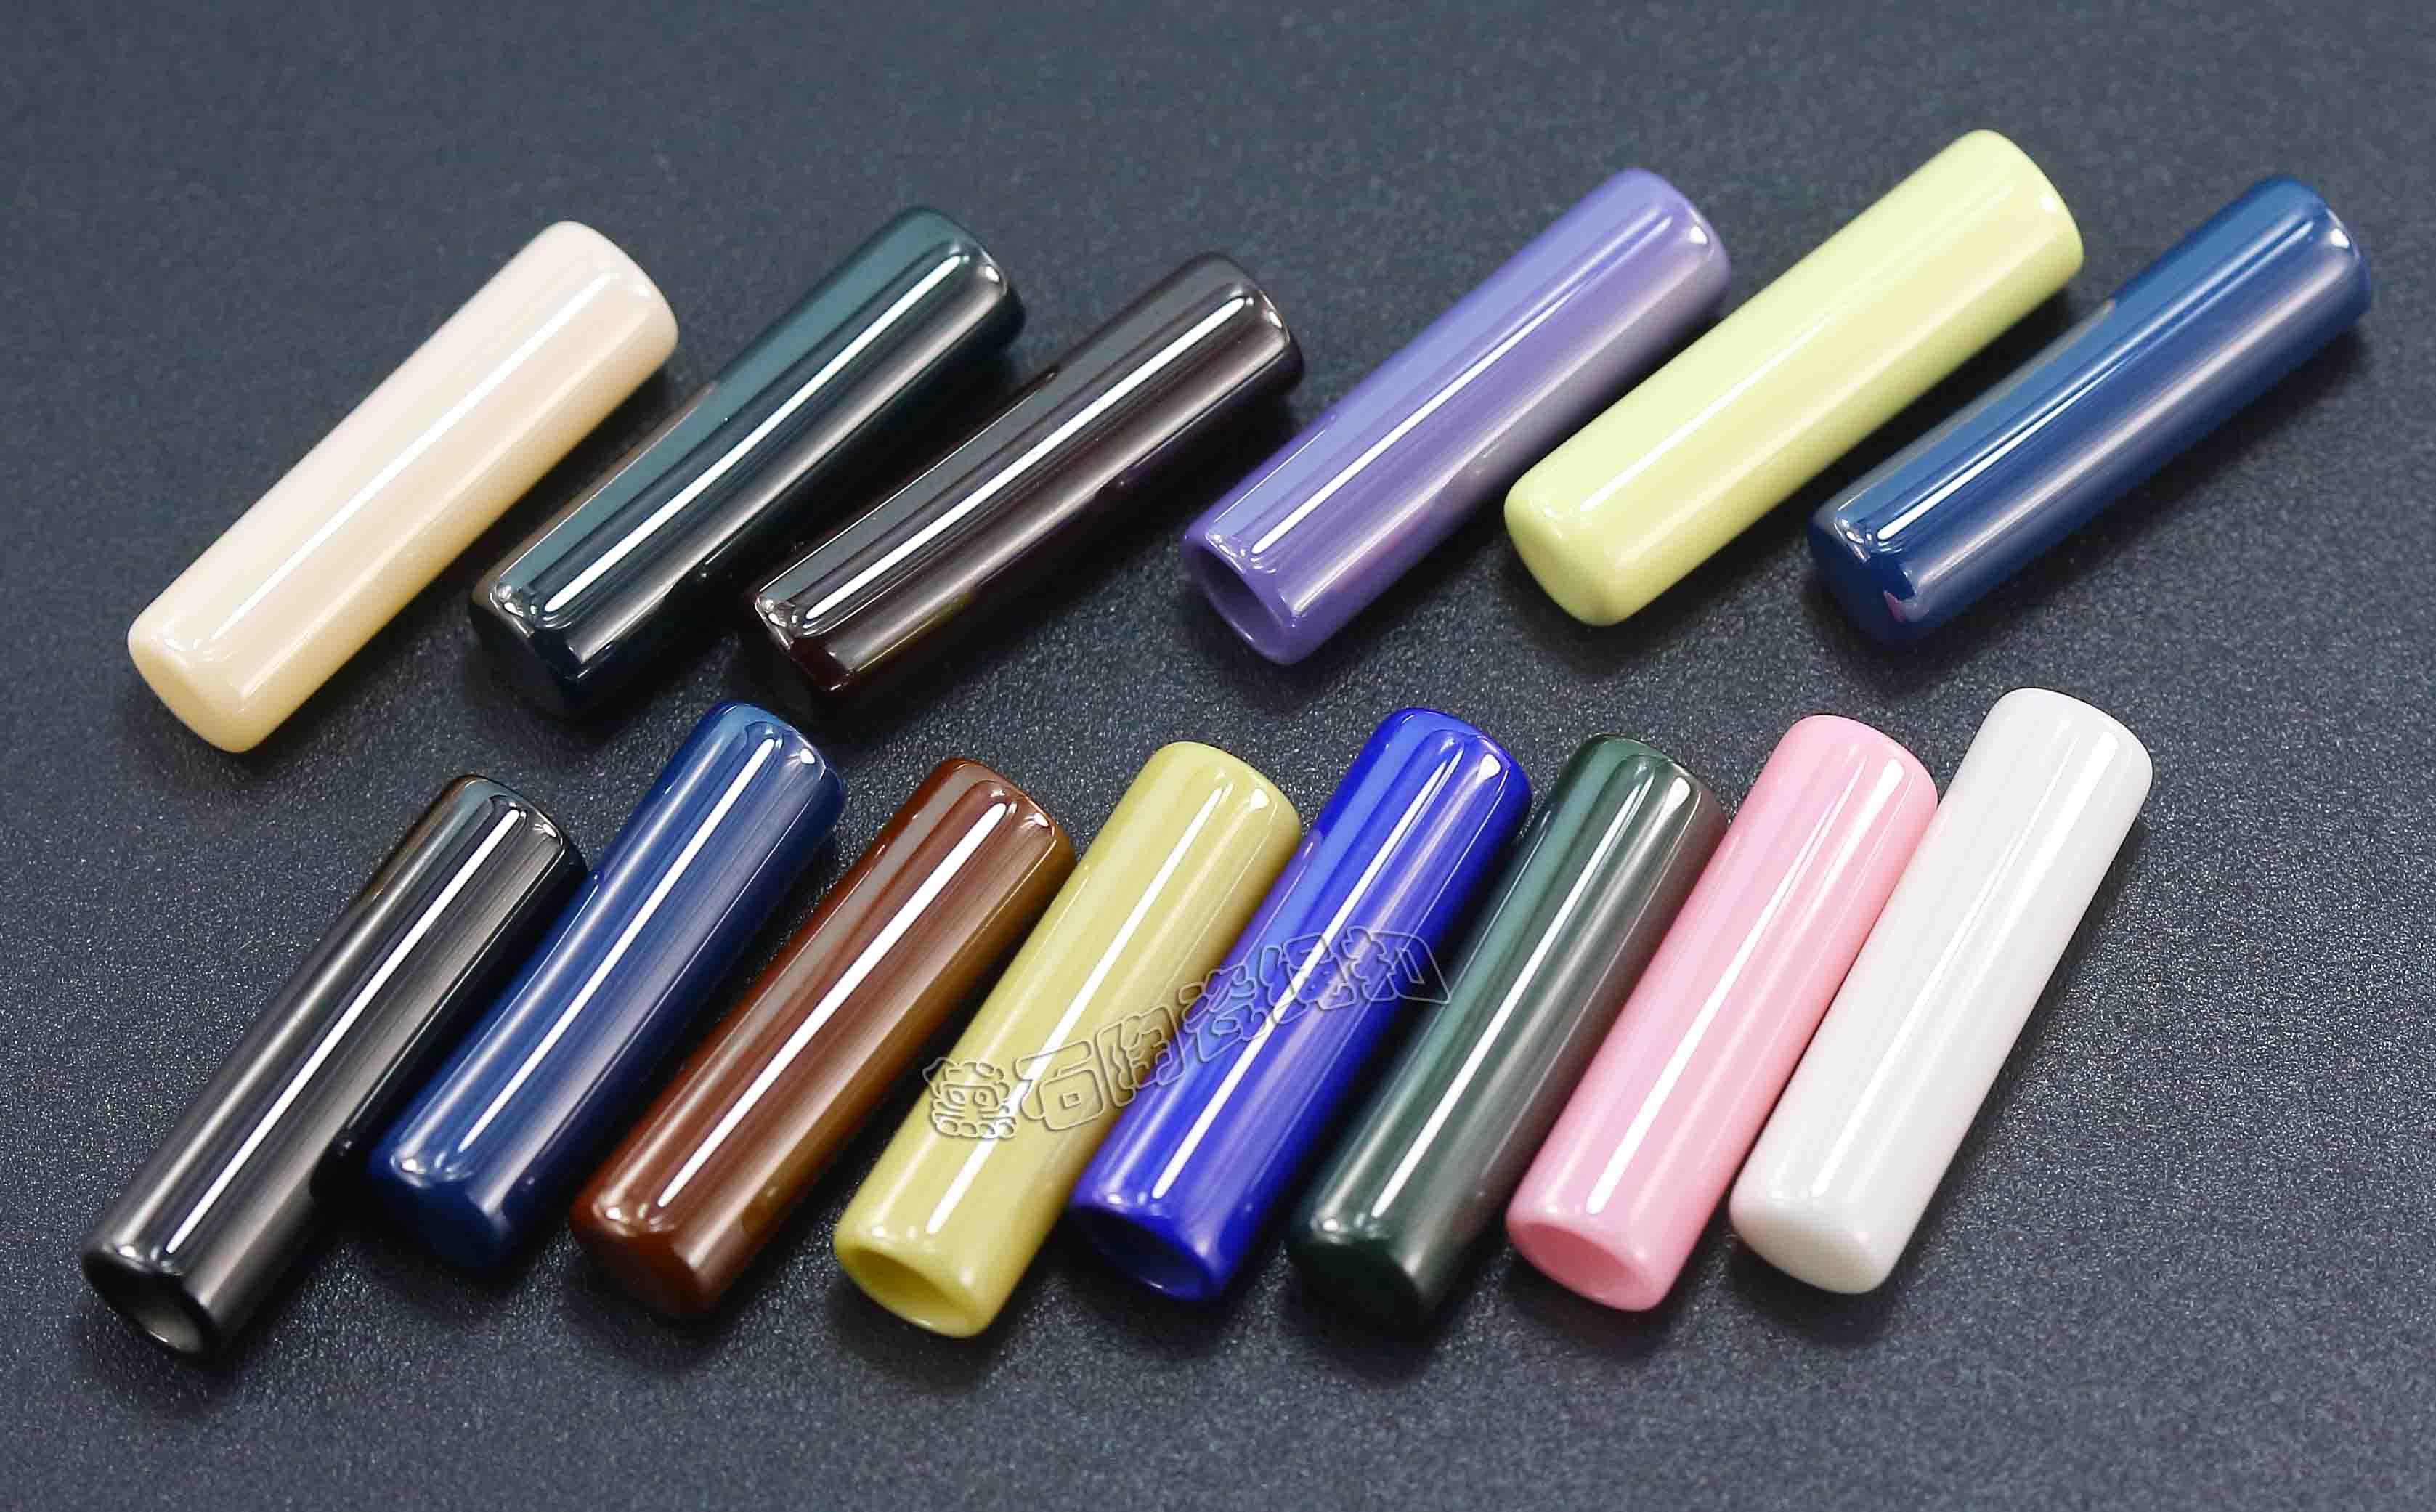 汤斯敦箱包服装配饰陶瓷绳扣 吊钟 吊粒止绳扣厂家配件专业生产